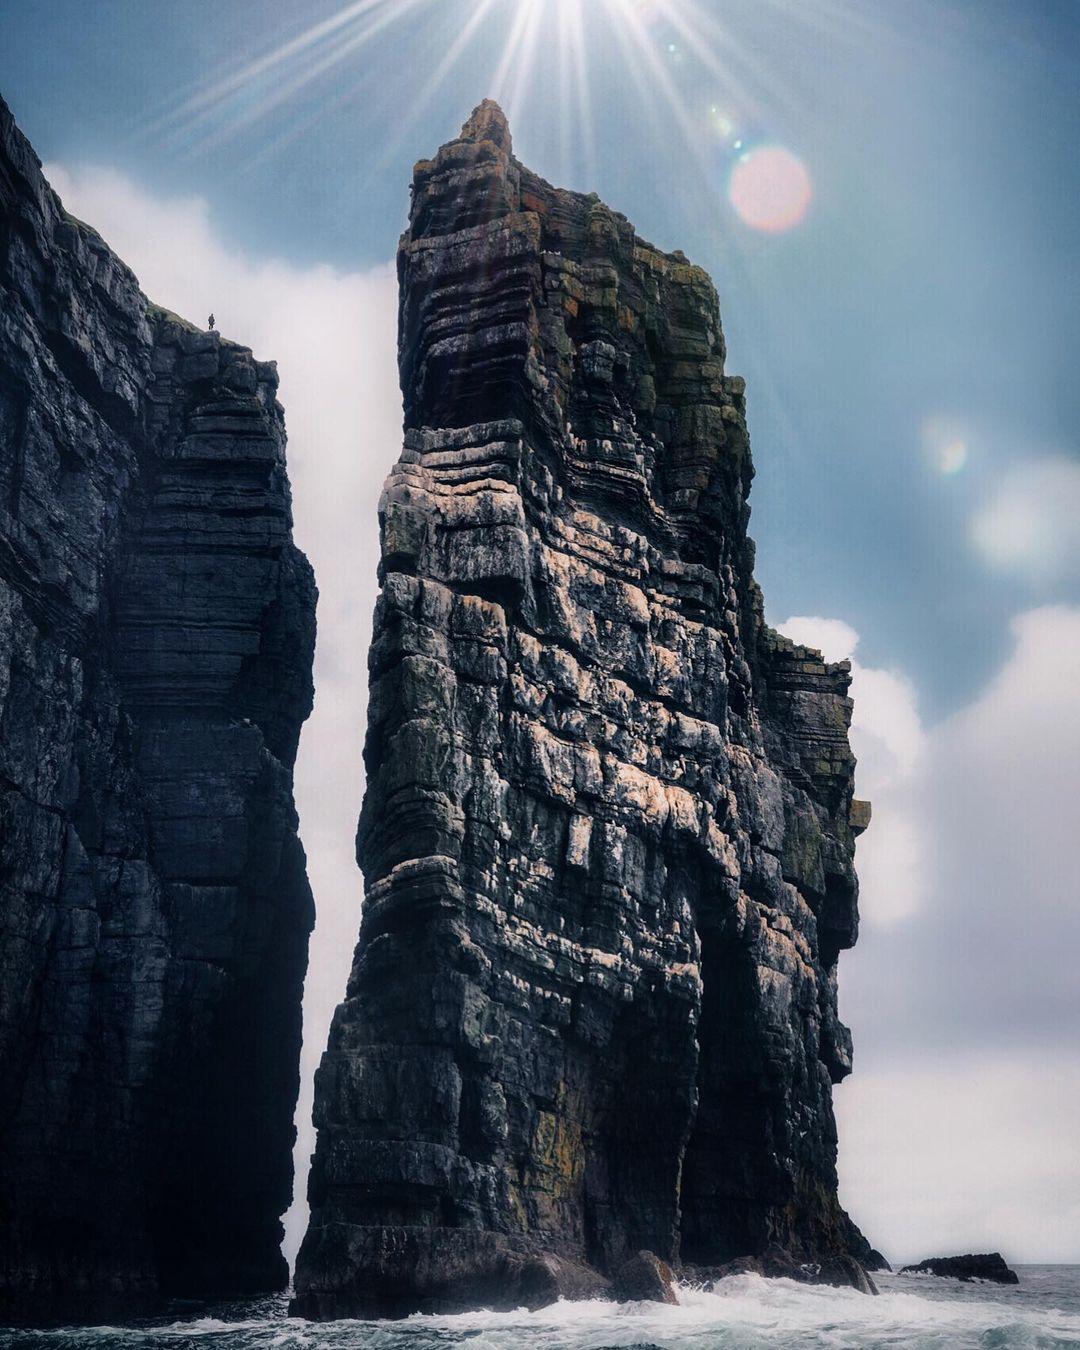 Frank Cosgrove - loop head, County Clare - We Love Ireland